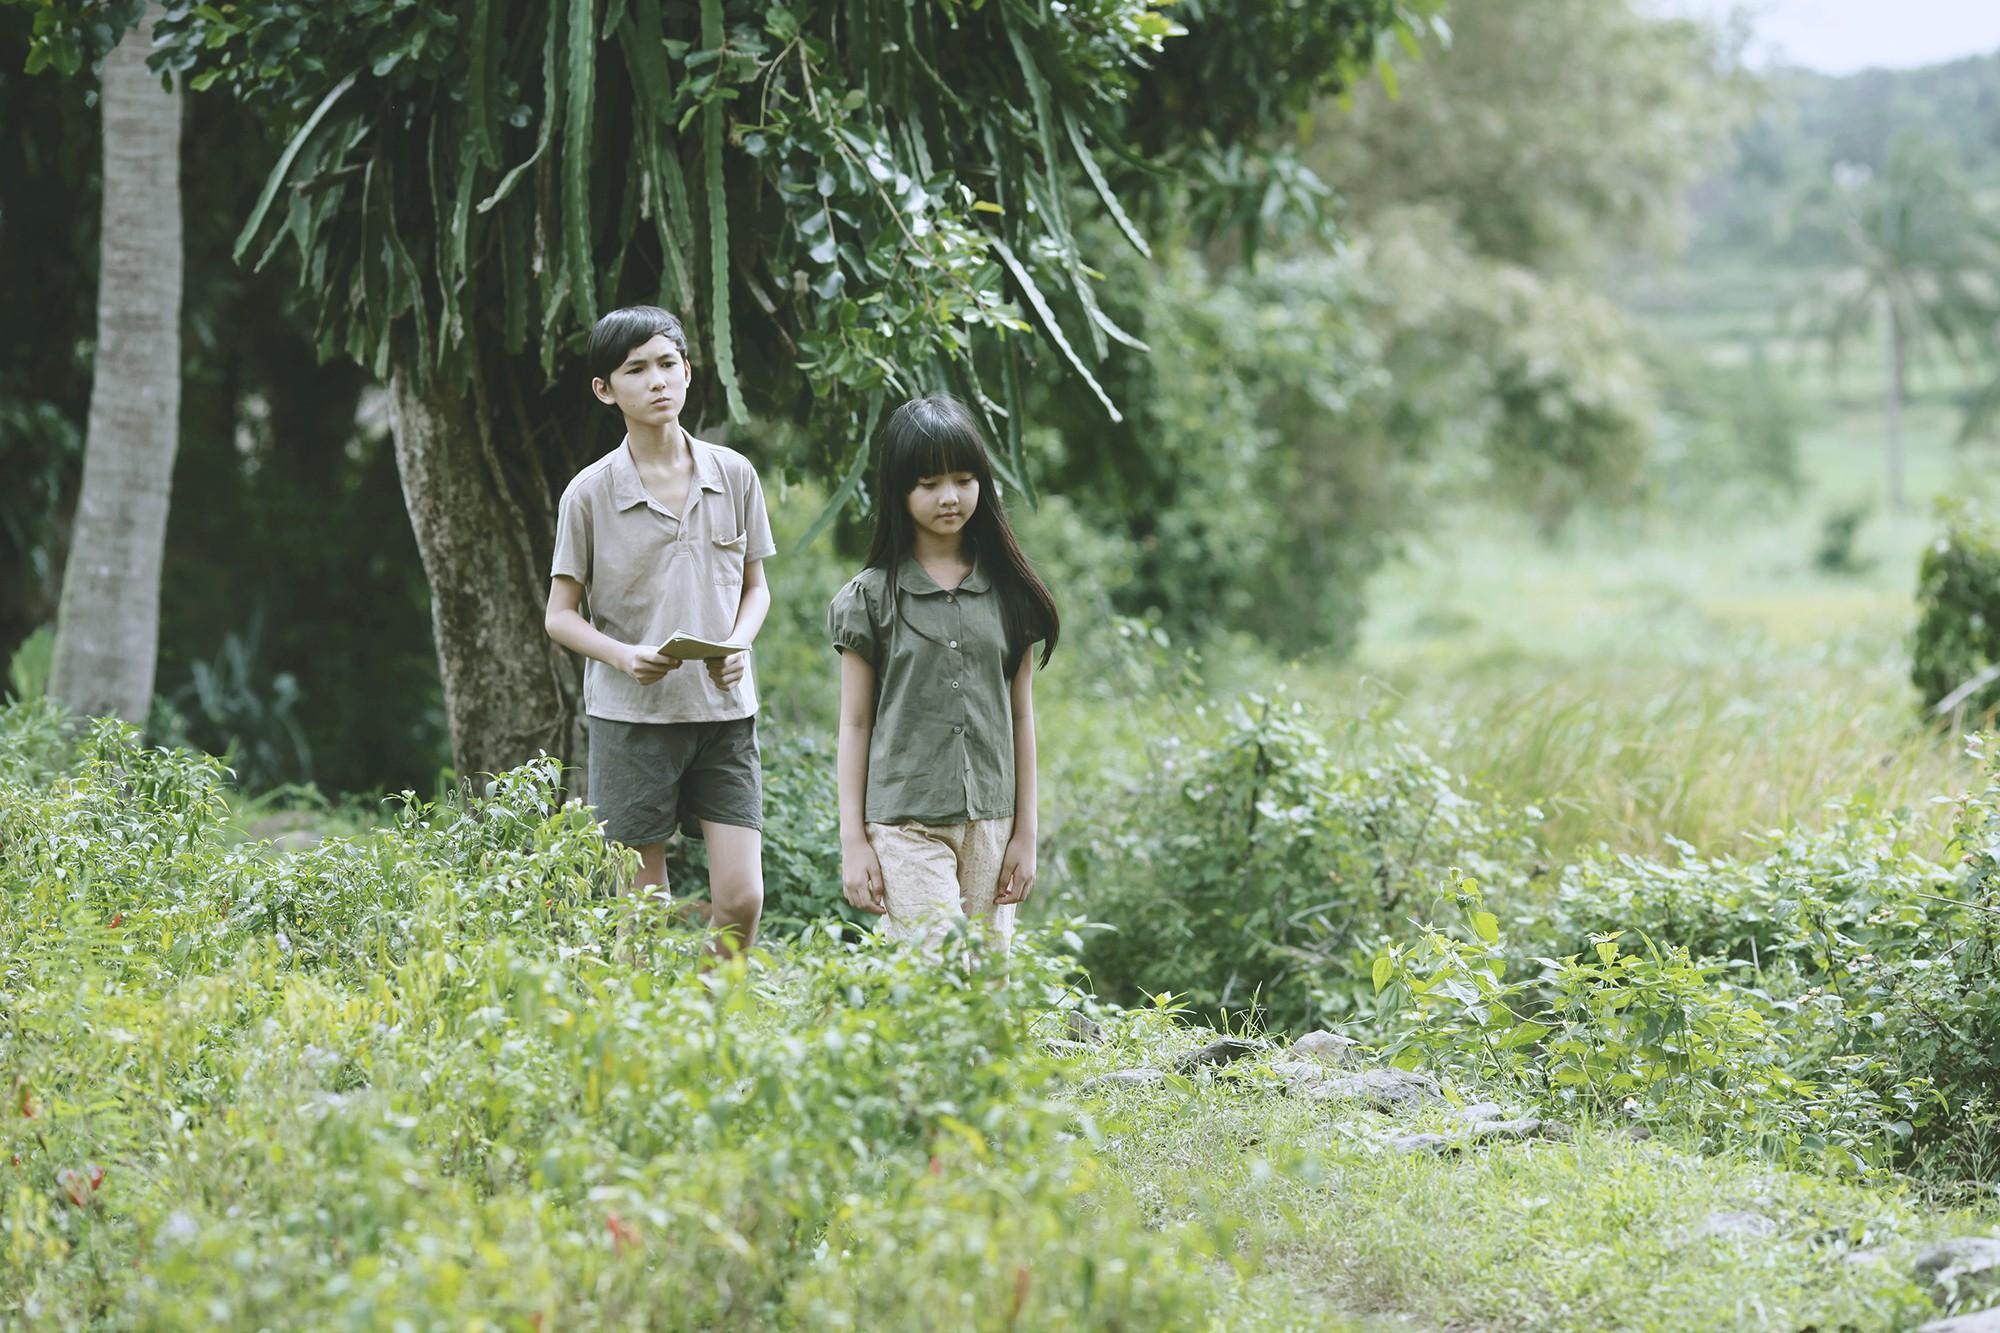 Từ thành công của tà áo dài Cô Ba Sài Gòn: Văn hoá và điện ảnh phải là đôi bạn cùng tiến - Ảnh 12.